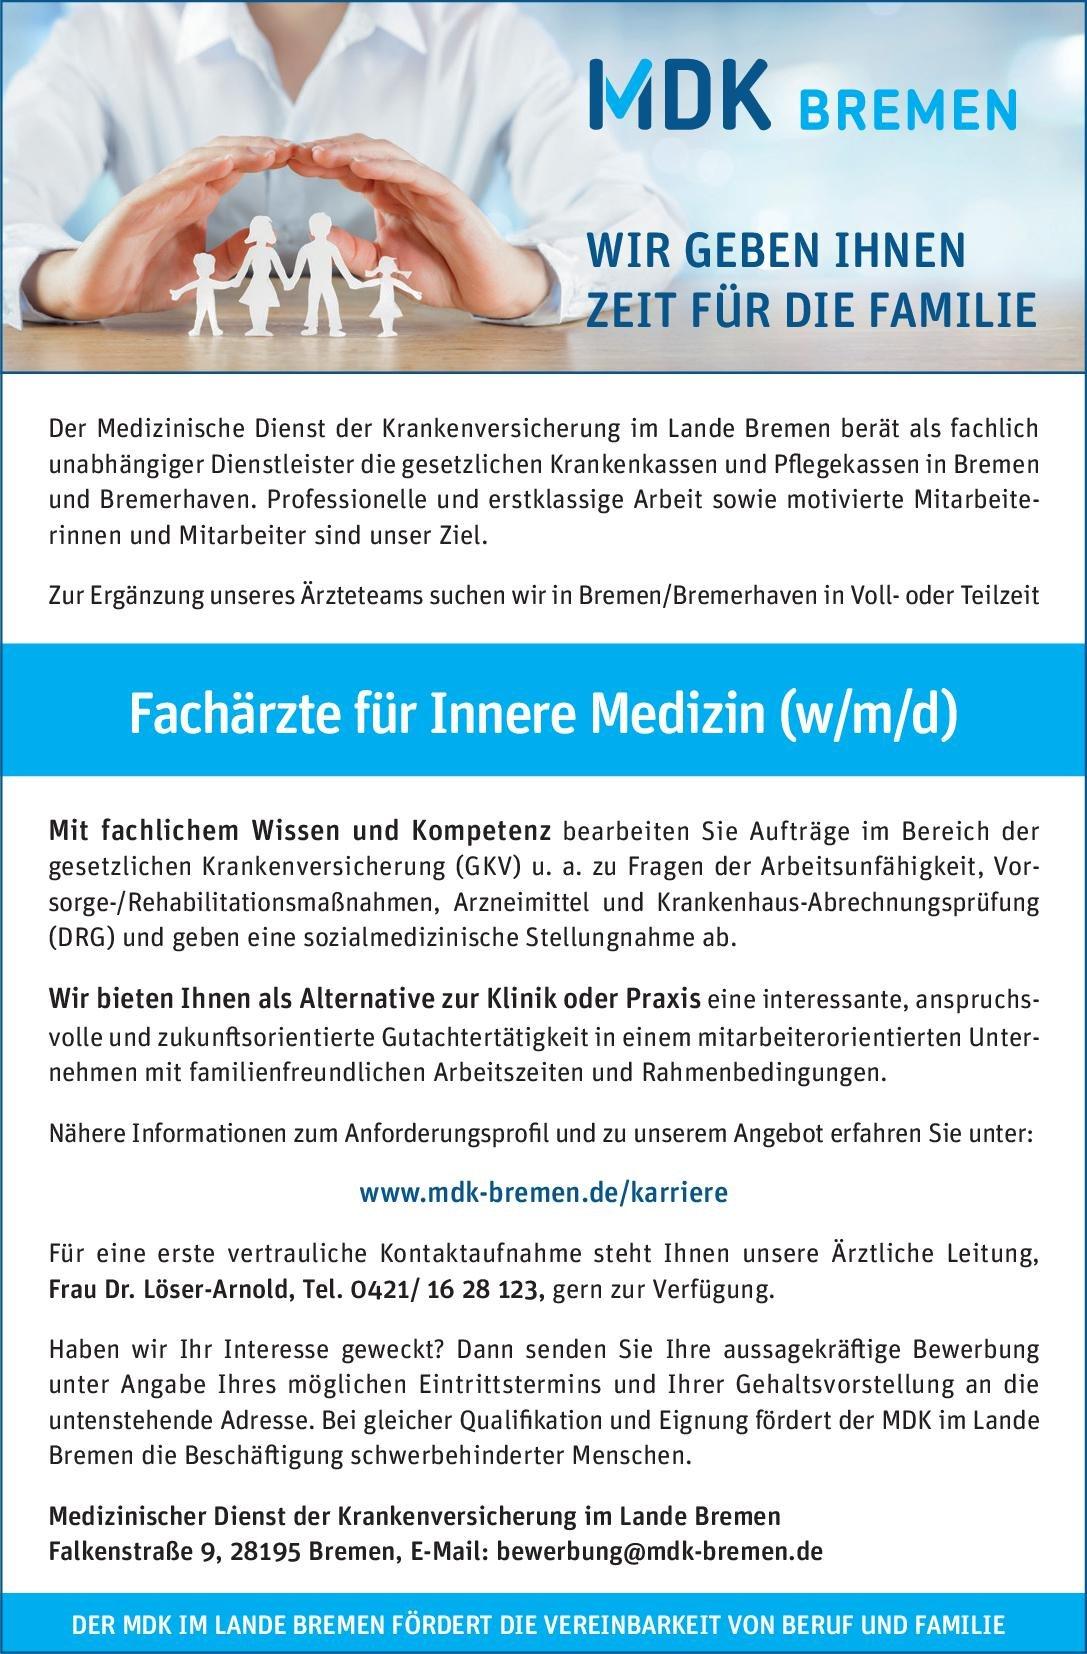 Medizinischer Dienst der Krankenversicherung im Lande Bremen Fachärzte für Innere Medizin (w/m/d)  Innere Medizin, Innere Medizin Arzt / Facharzt